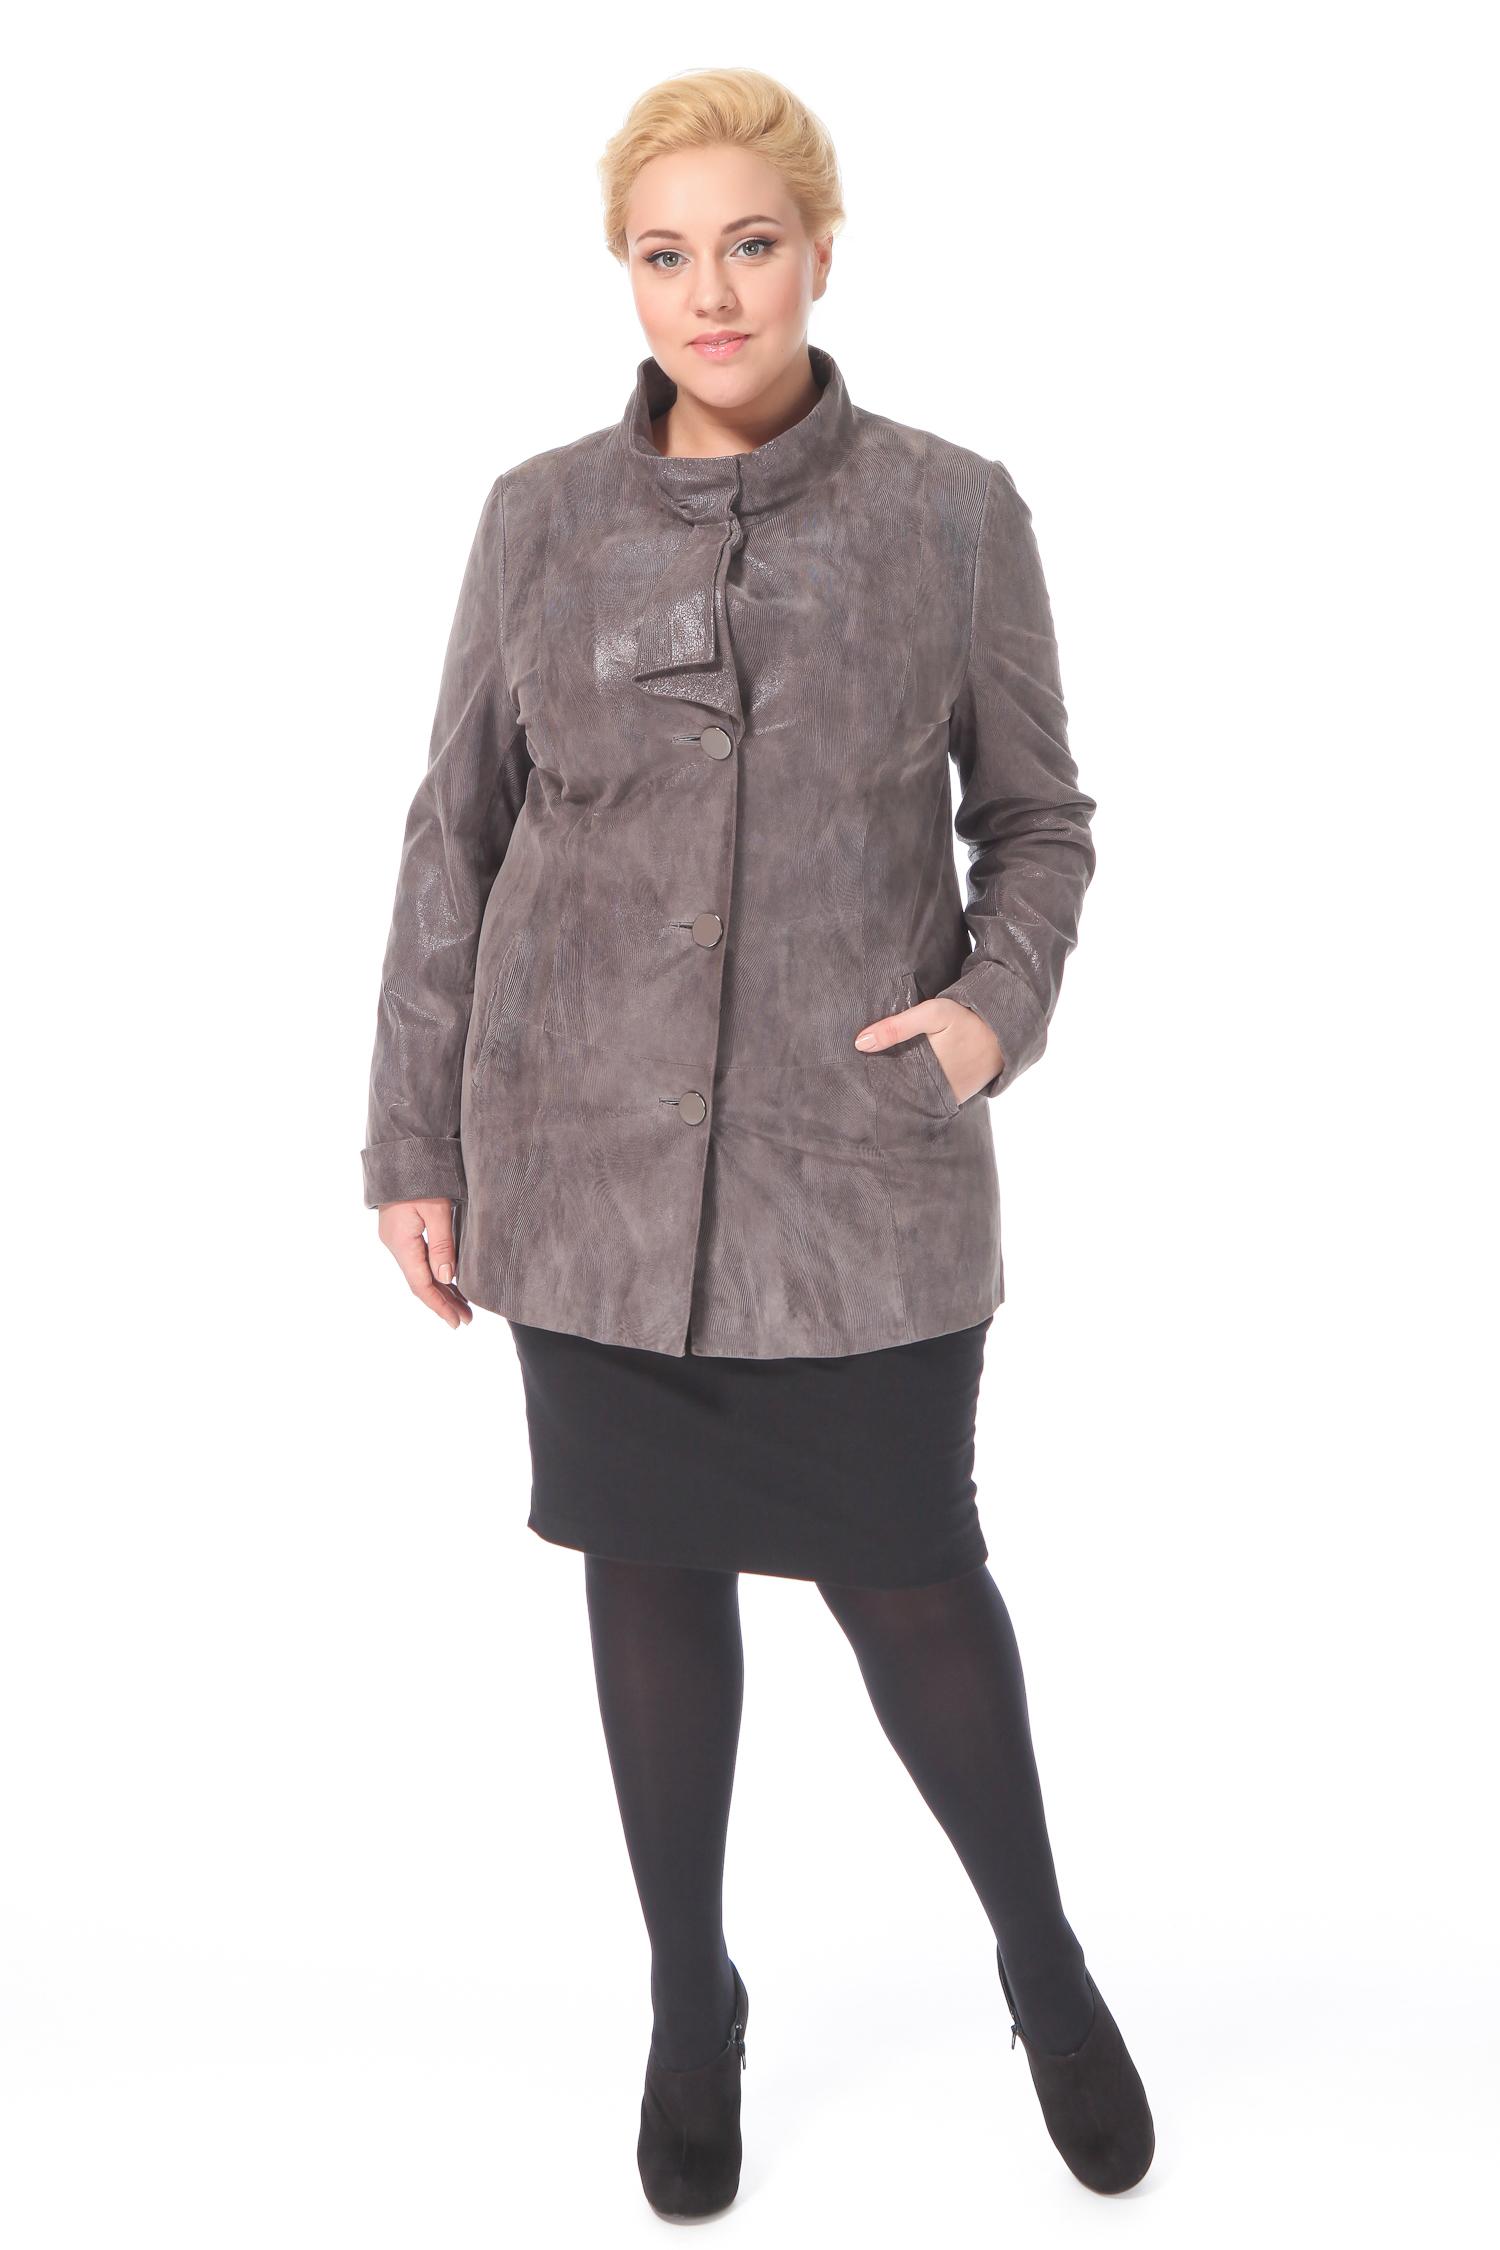 Фото 9 - Женская кожаная куртка из натуральной замши (с накатом) с воротником от МОСМЕХА бежевого цвета